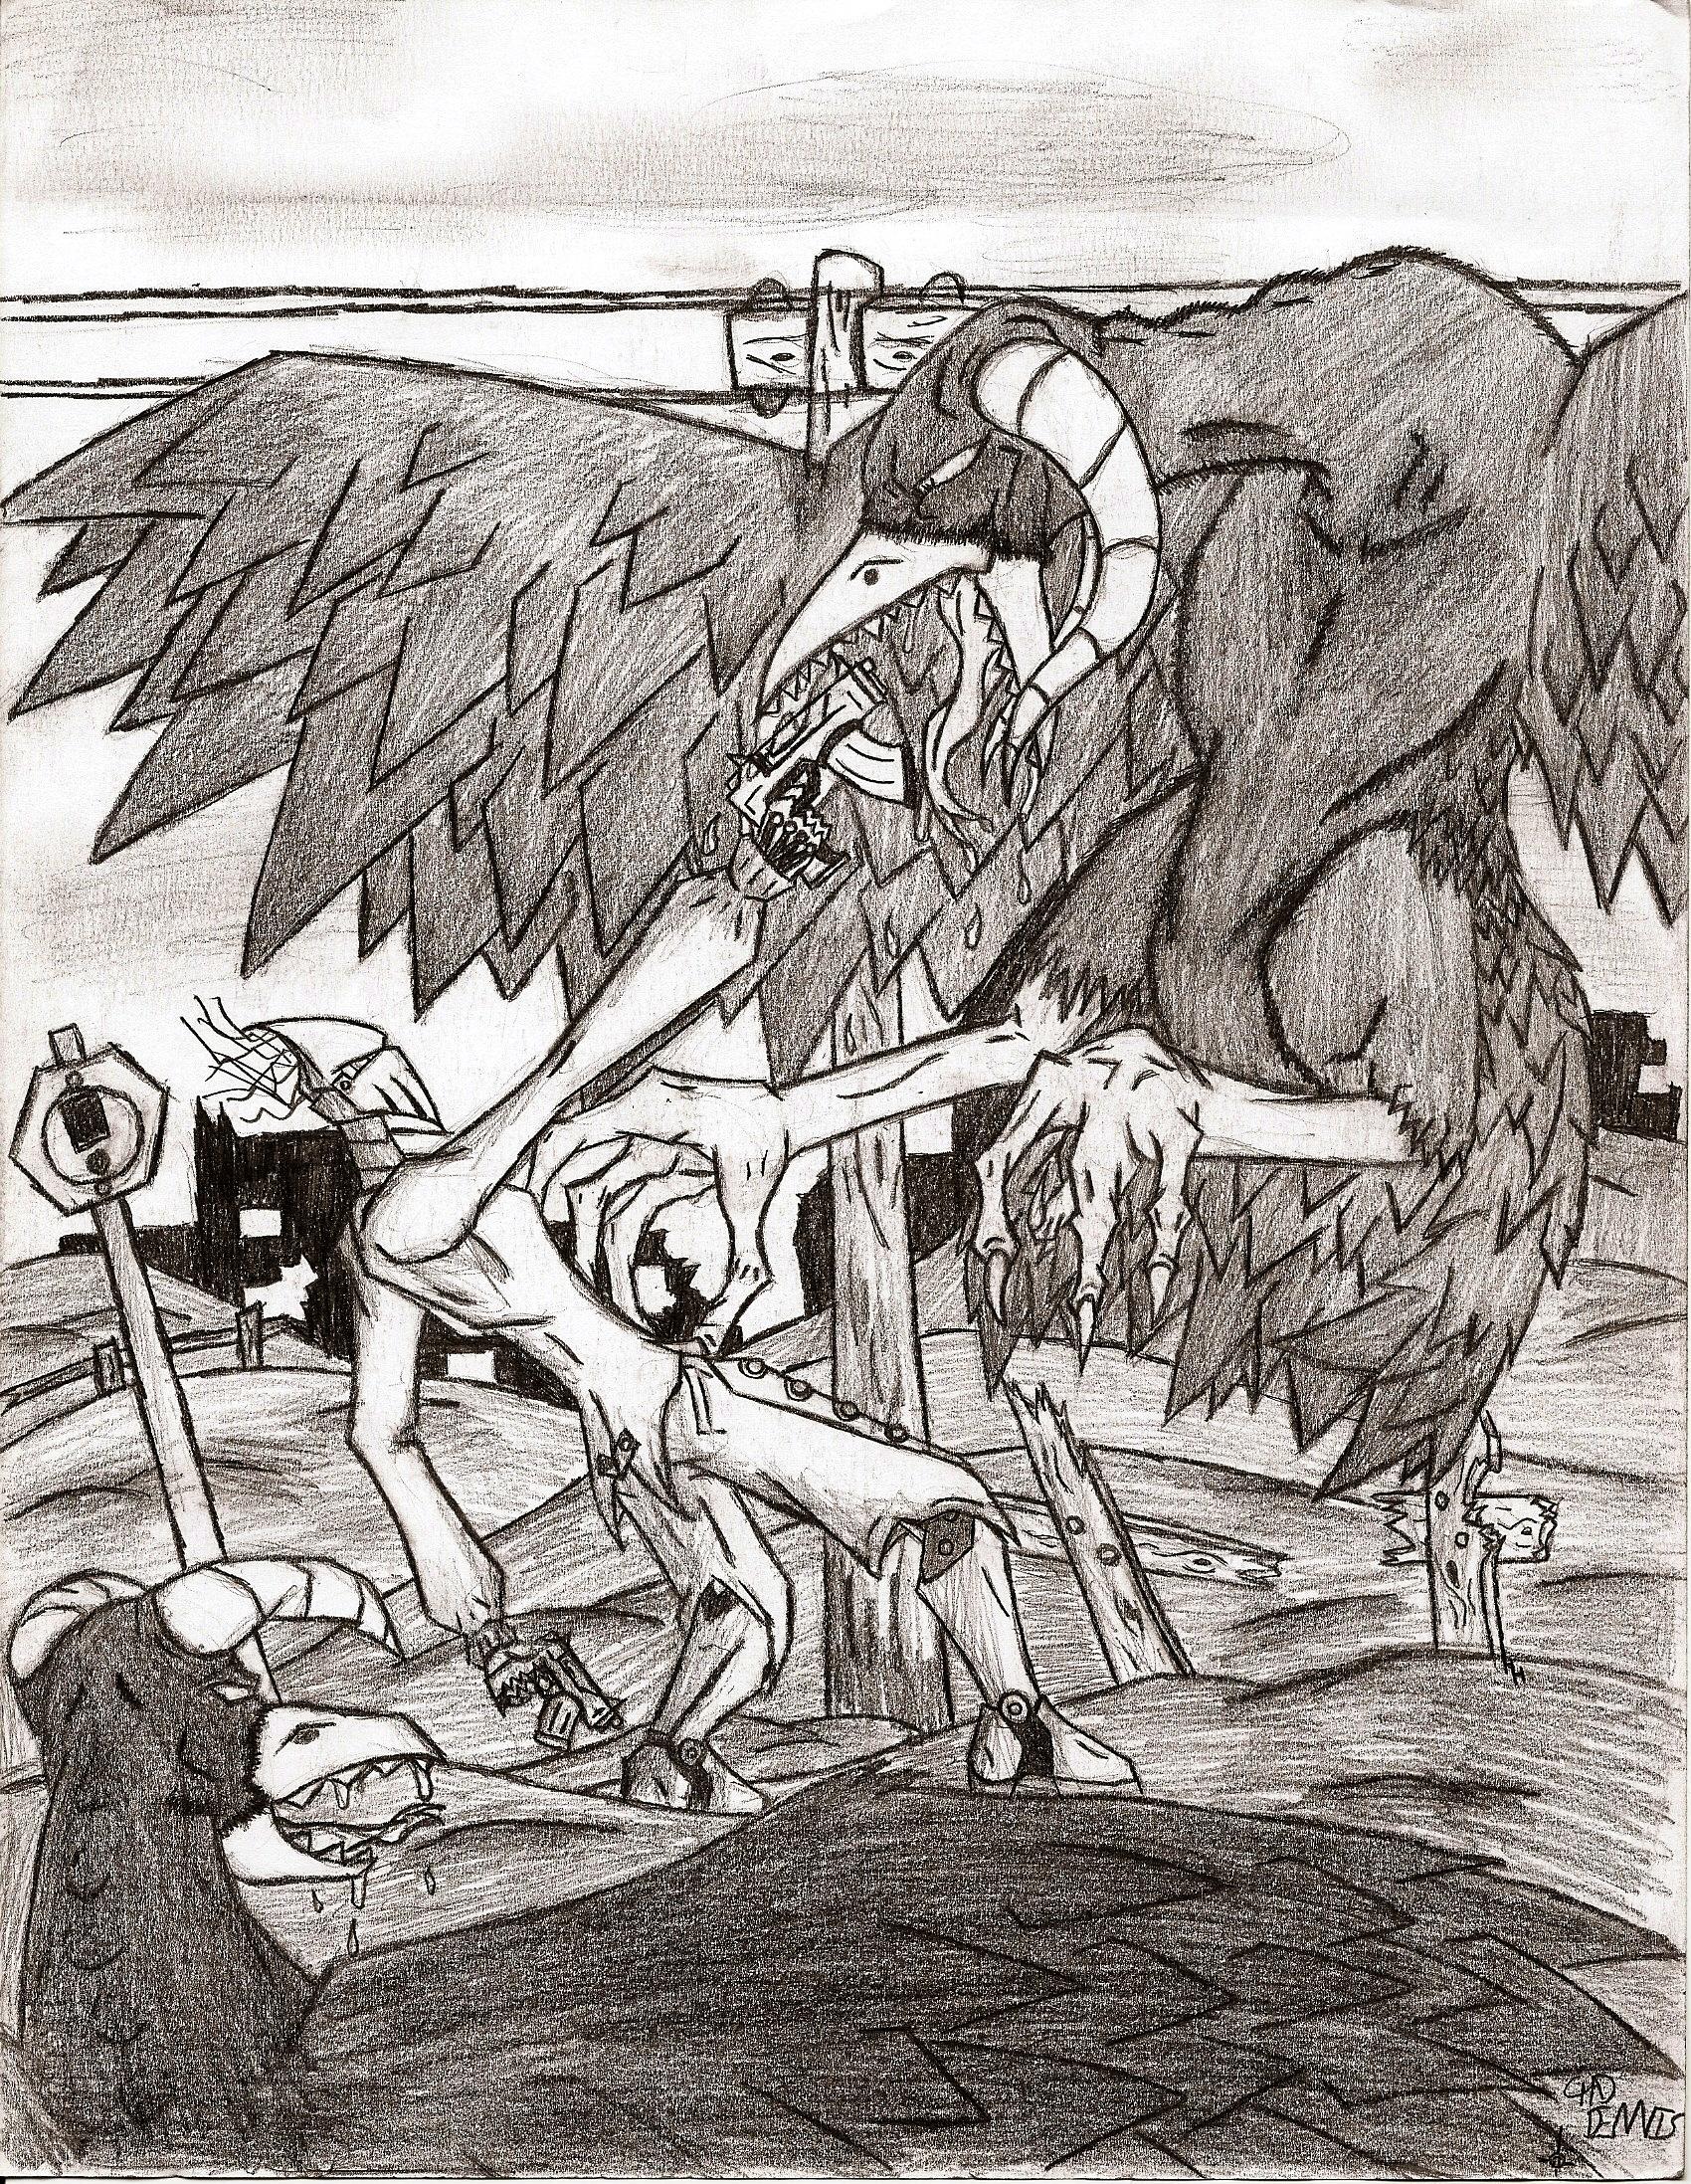 R-O-B vs the Mutant Crows